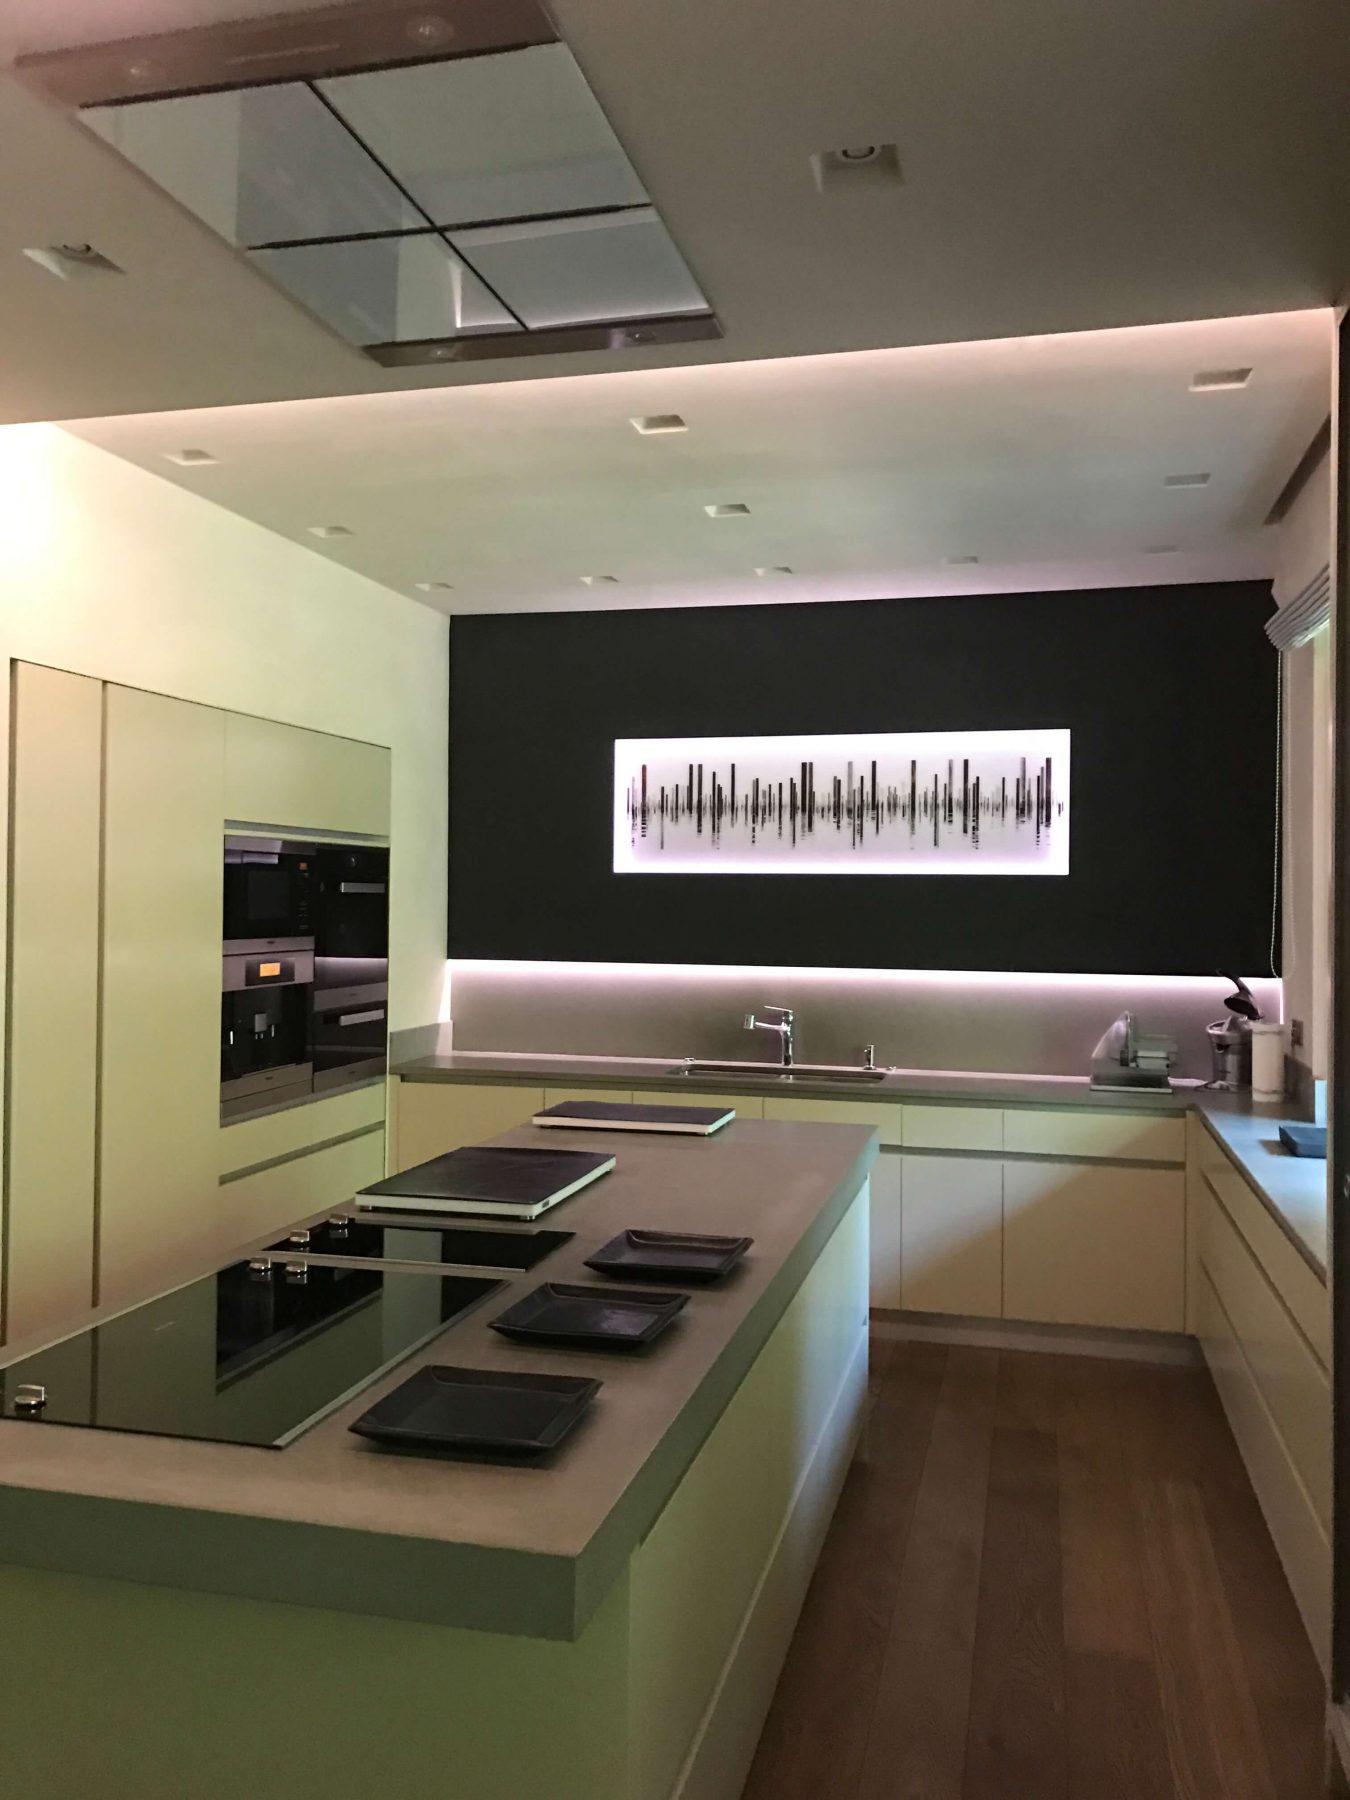 Moderne Einbauküche vom Tischler individuell gebaut